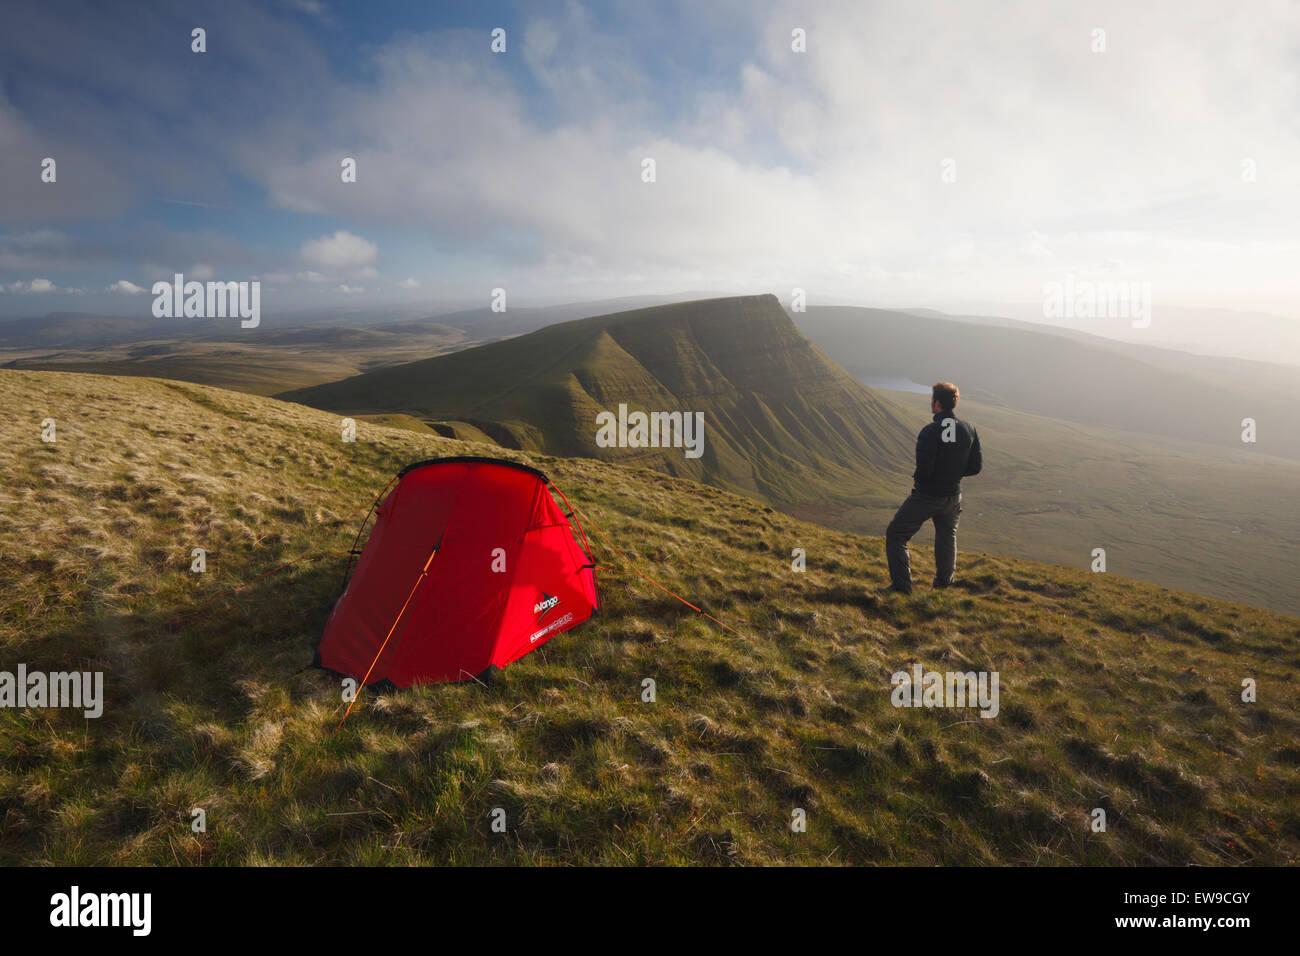 Hillwalker camping sauvage sur le ventilateur Foel. La Montagne Noire. Le Parc National des Brecon Beacons. Carmarthenshire. Photo Stock